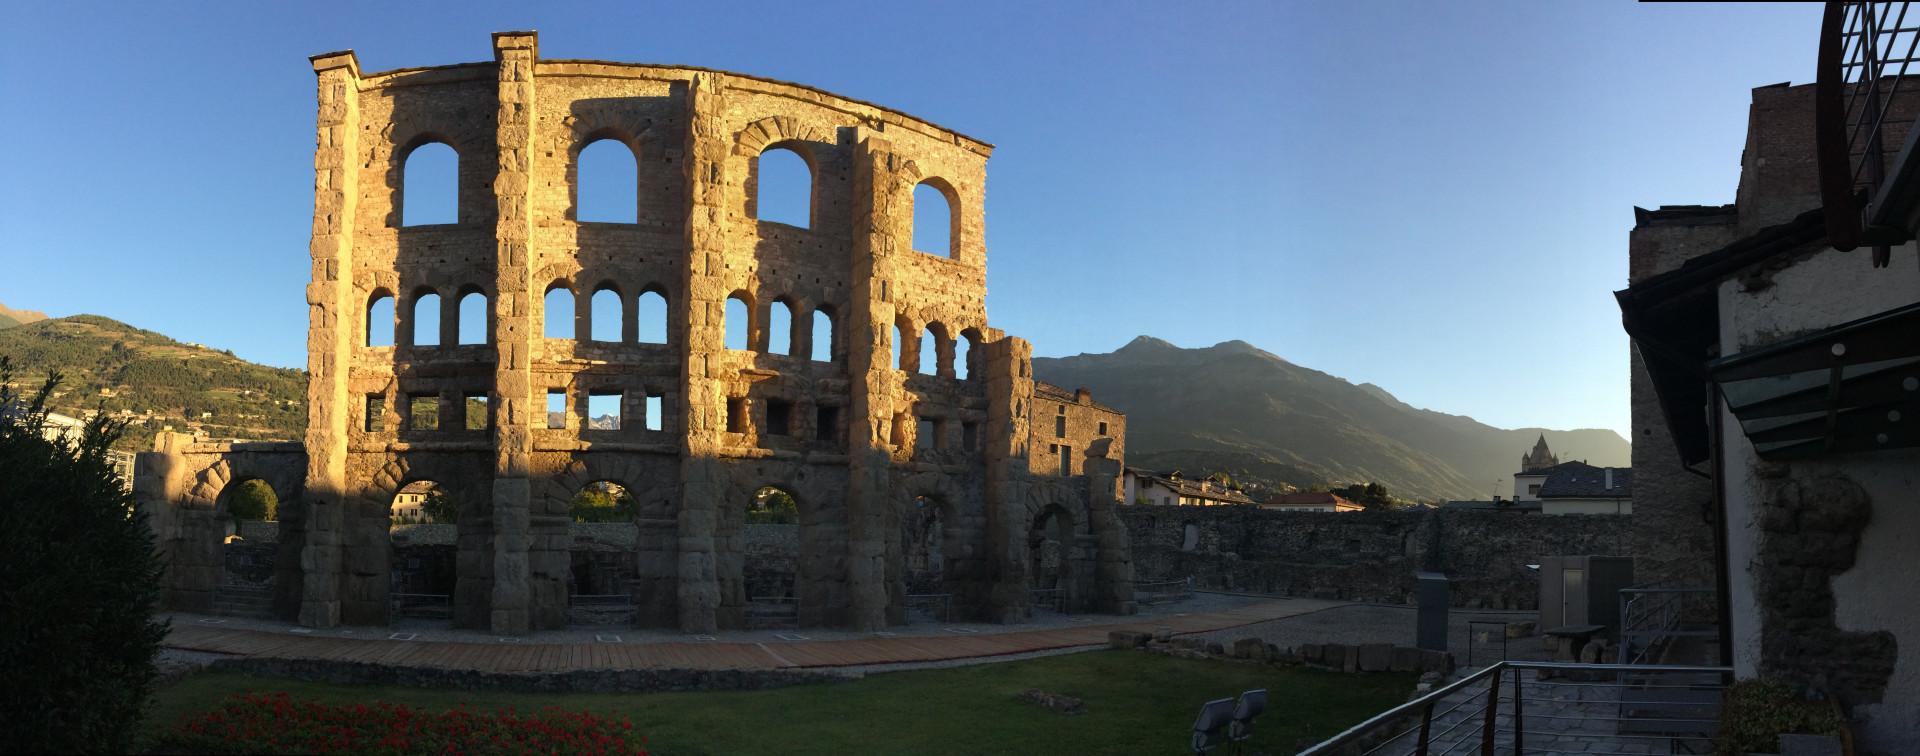 Aosta citt romana bellevue hotel spa cogne valle d for Buthier piscine